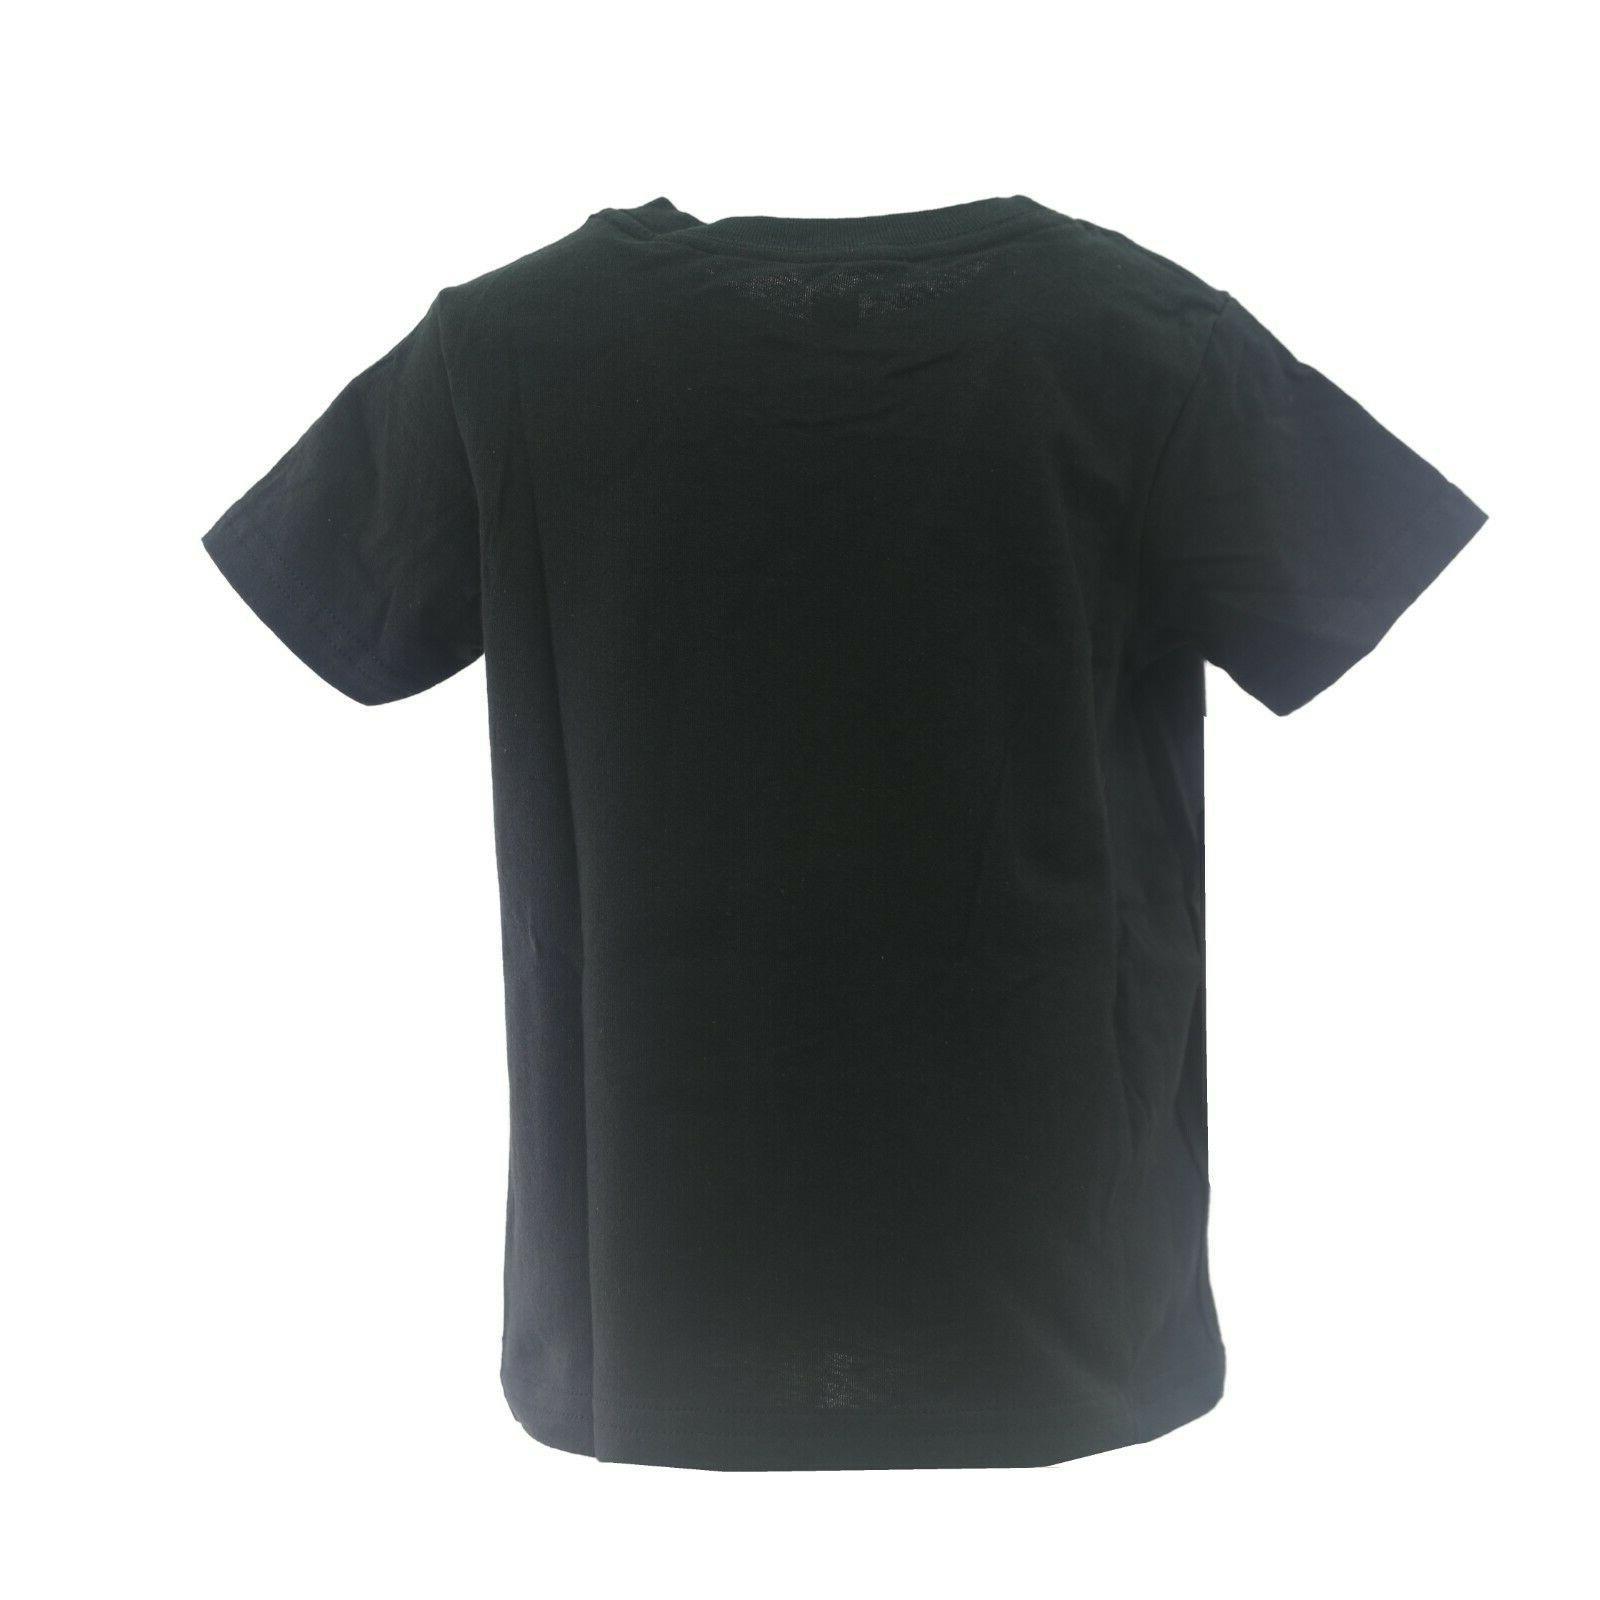 Apparel Toddler T-Shirt